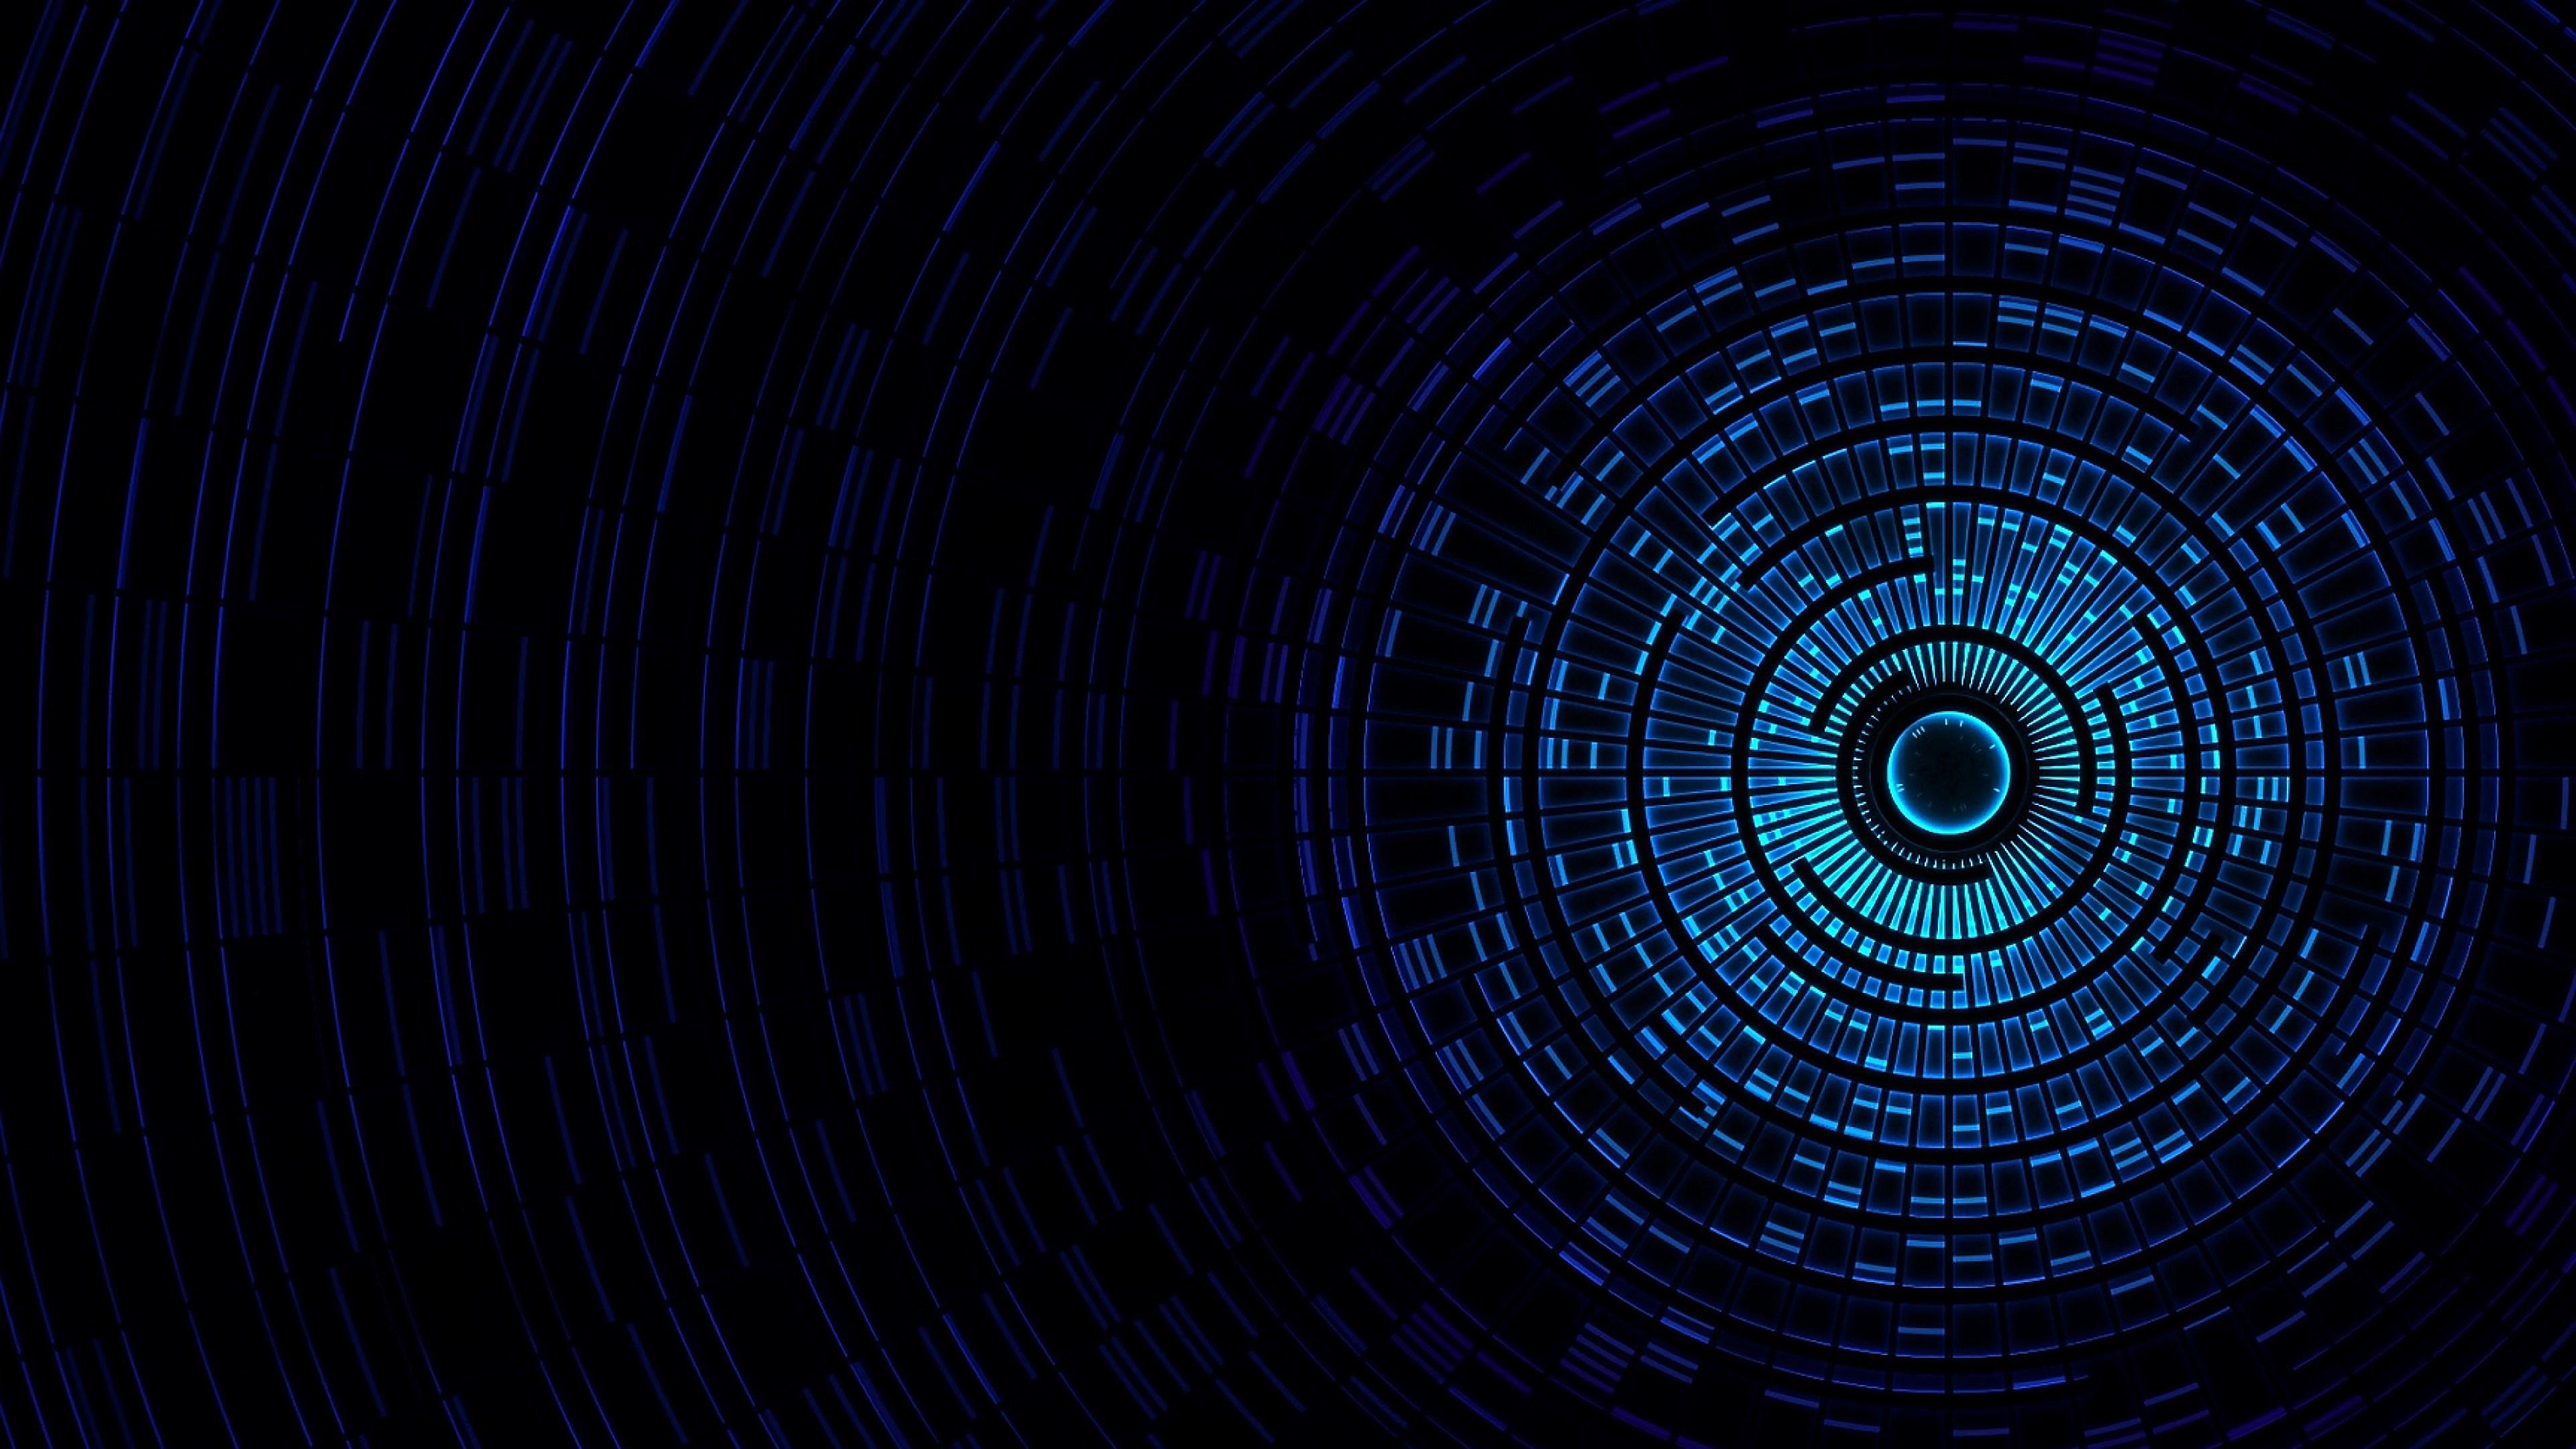 Fondos de pantalla Blue vortex 3D